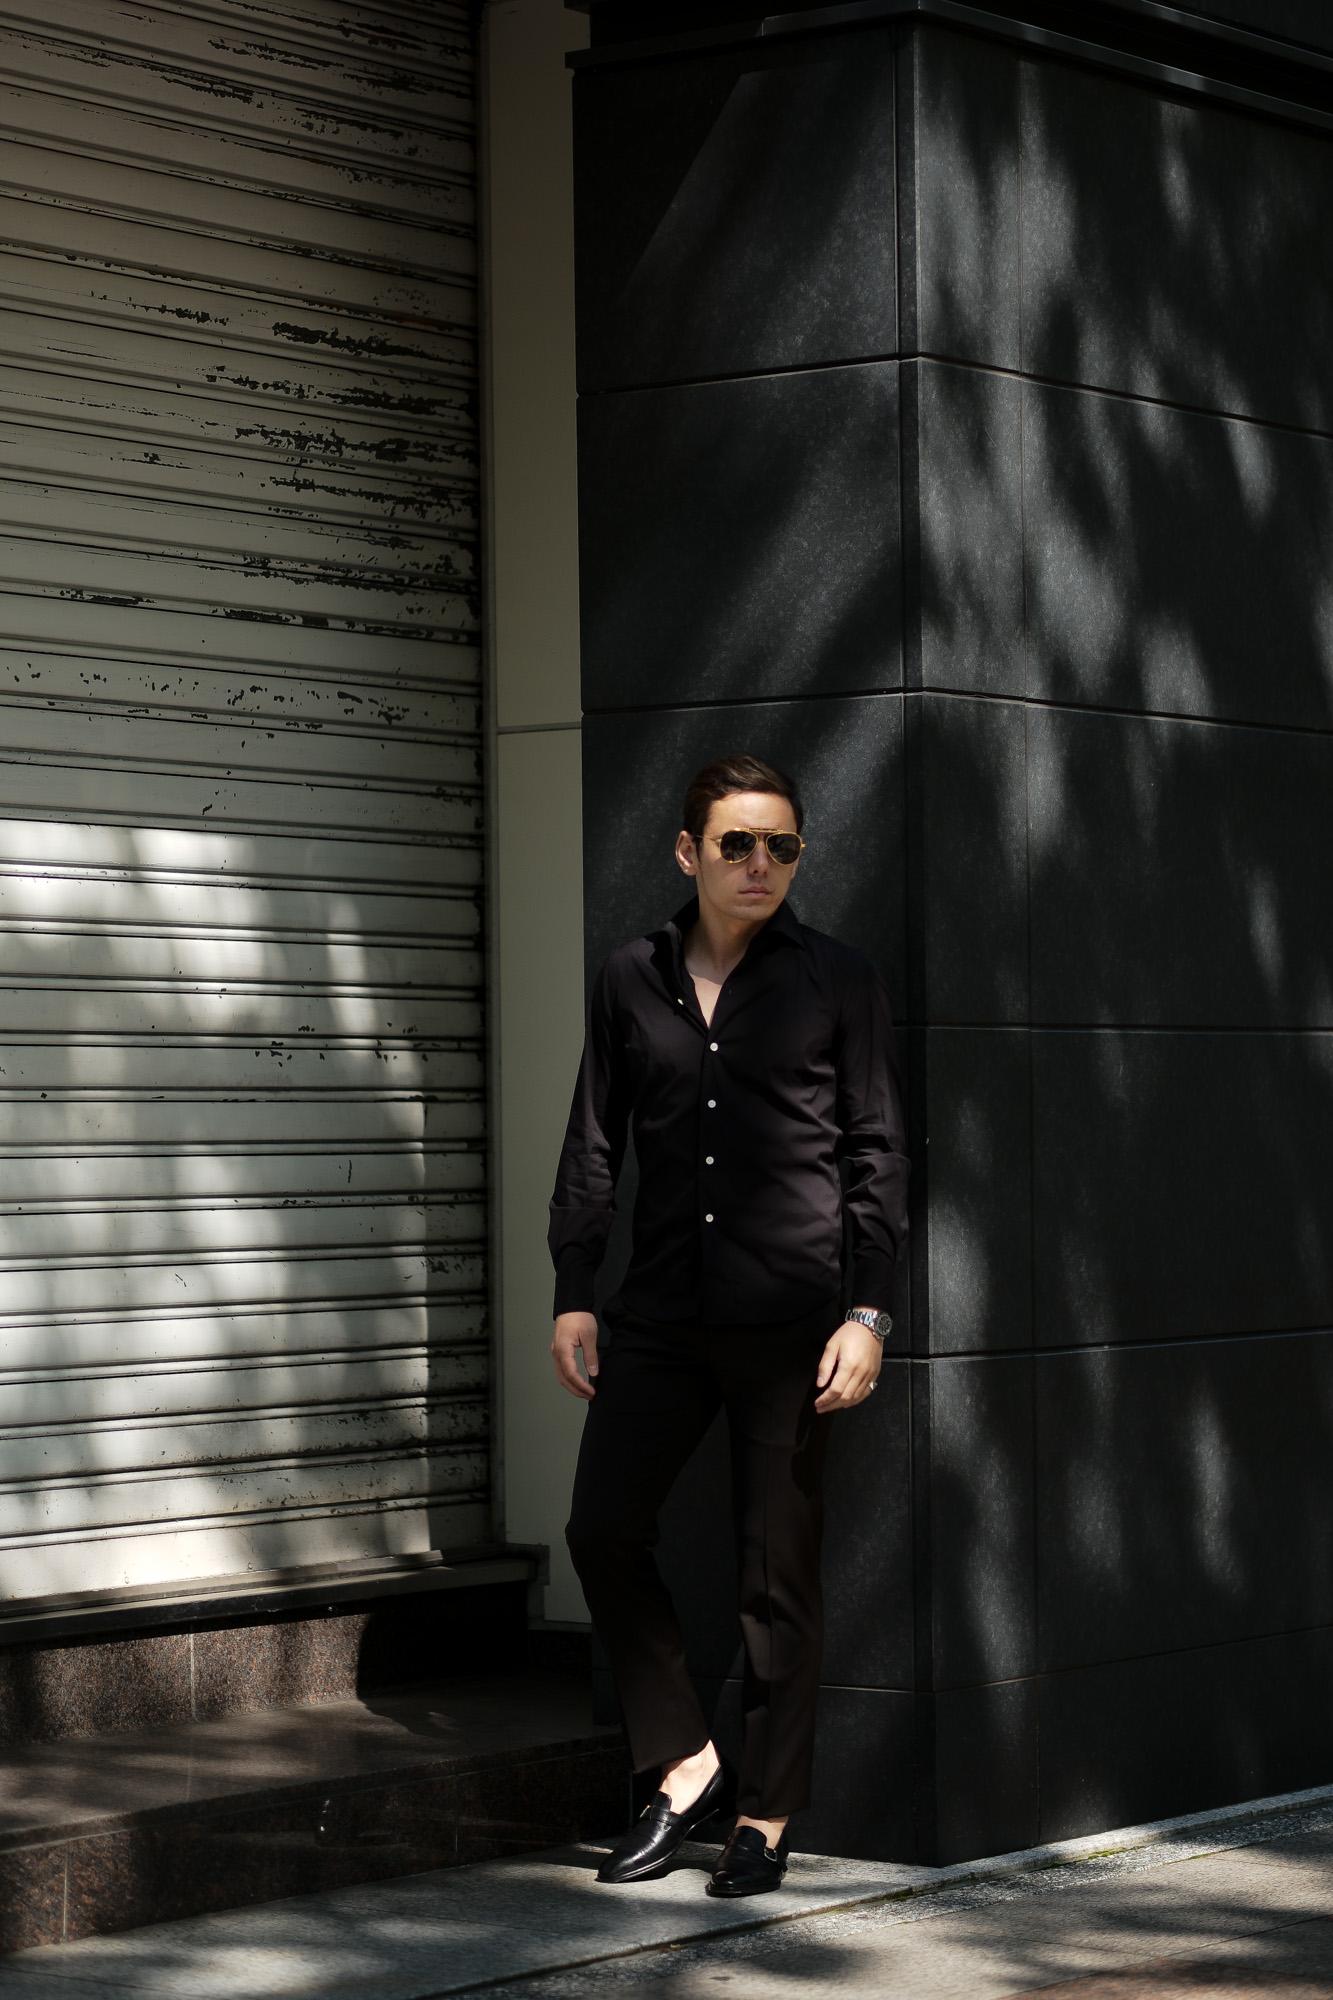 Finamore (フィナモレ) SEUL ITALIAN COLOR STRETCH COTTON SHIRTS ストレッチコットン ワンピースカラー シャツ BLACK (ブラック) made in italy (イタリア製) 2020 春夏新作 愛知 名古屋 altoediritto アルトエデリット